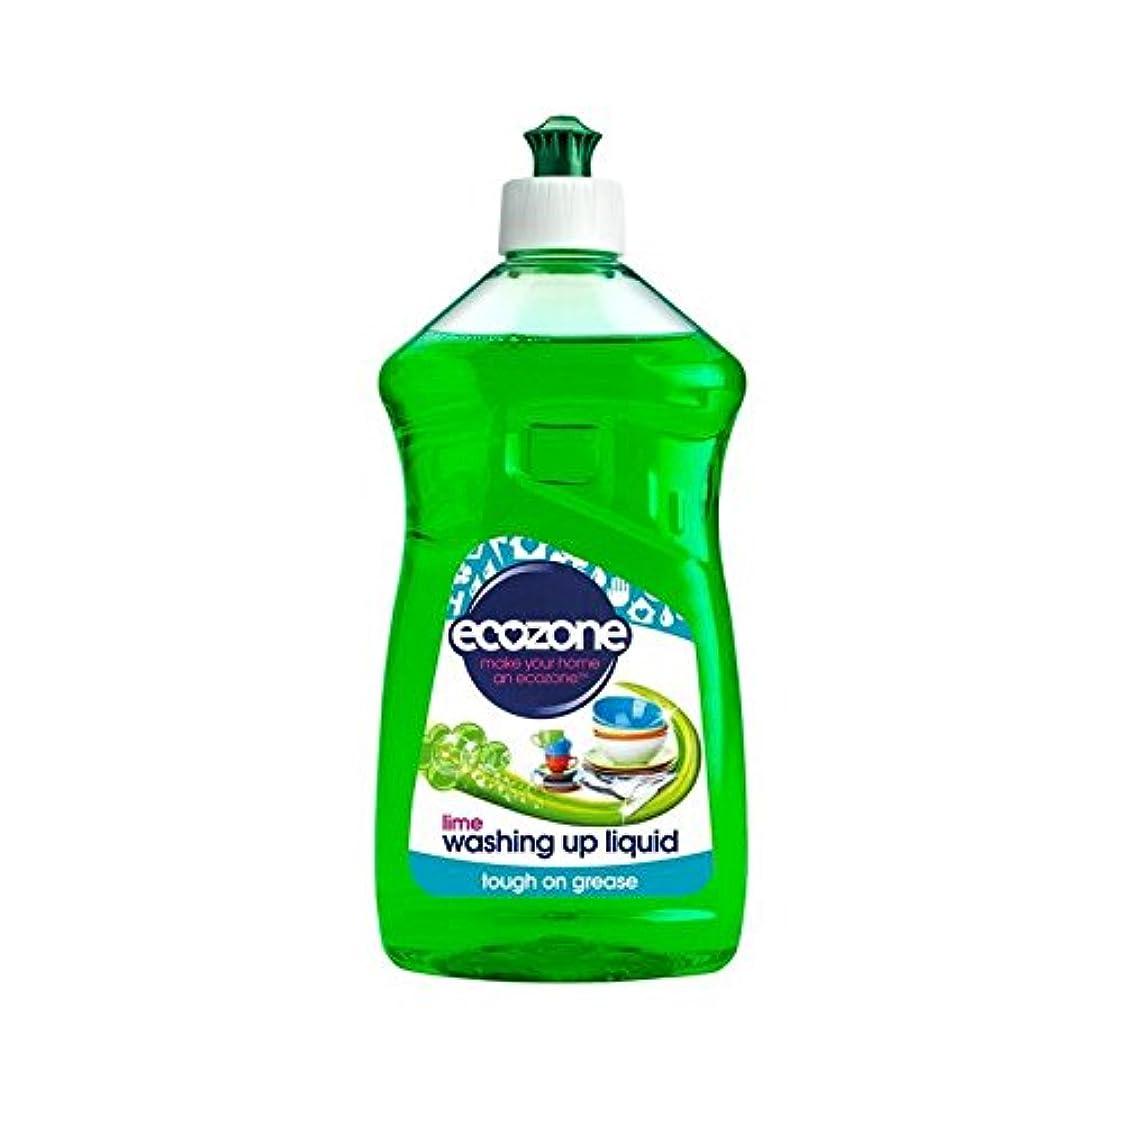 溝チョーク主権者食器洗い液体ライム500ミリリットル (Ecozone) (x 4) - Ecozone Washing Up Liquid Lime 500ml (Pack of 4) [並行輸入品]